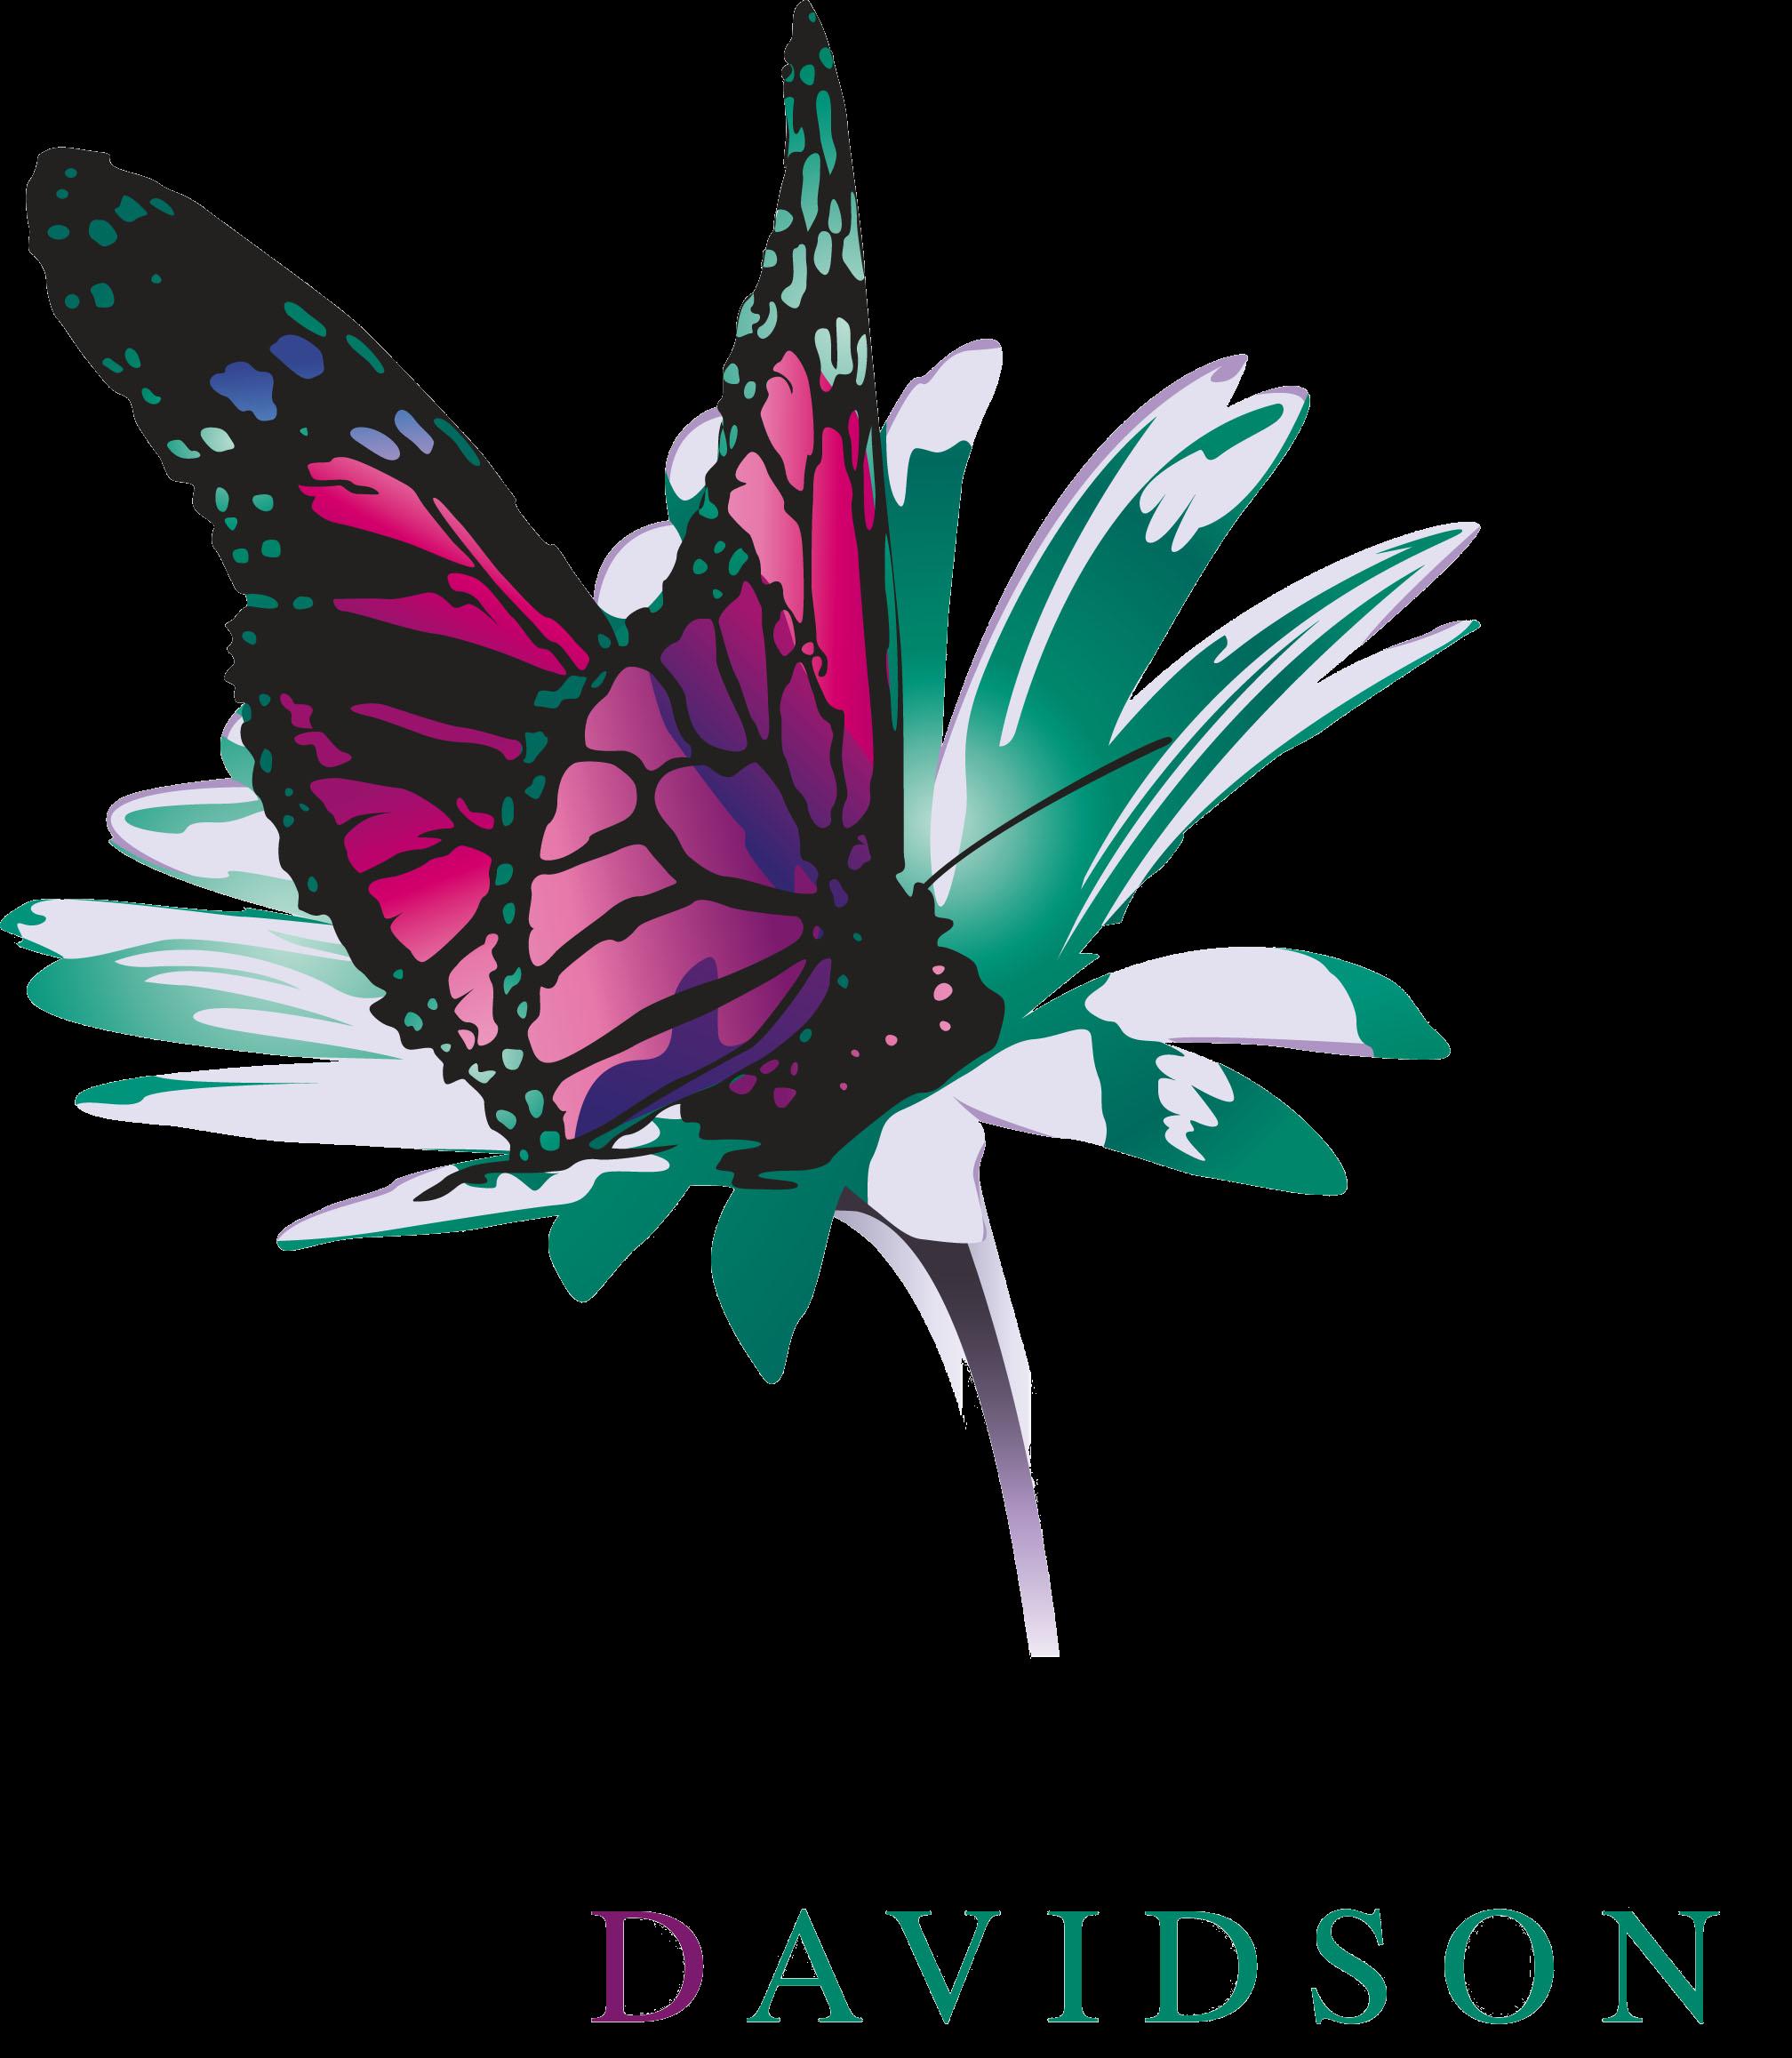 Davidson logo cdoiwx